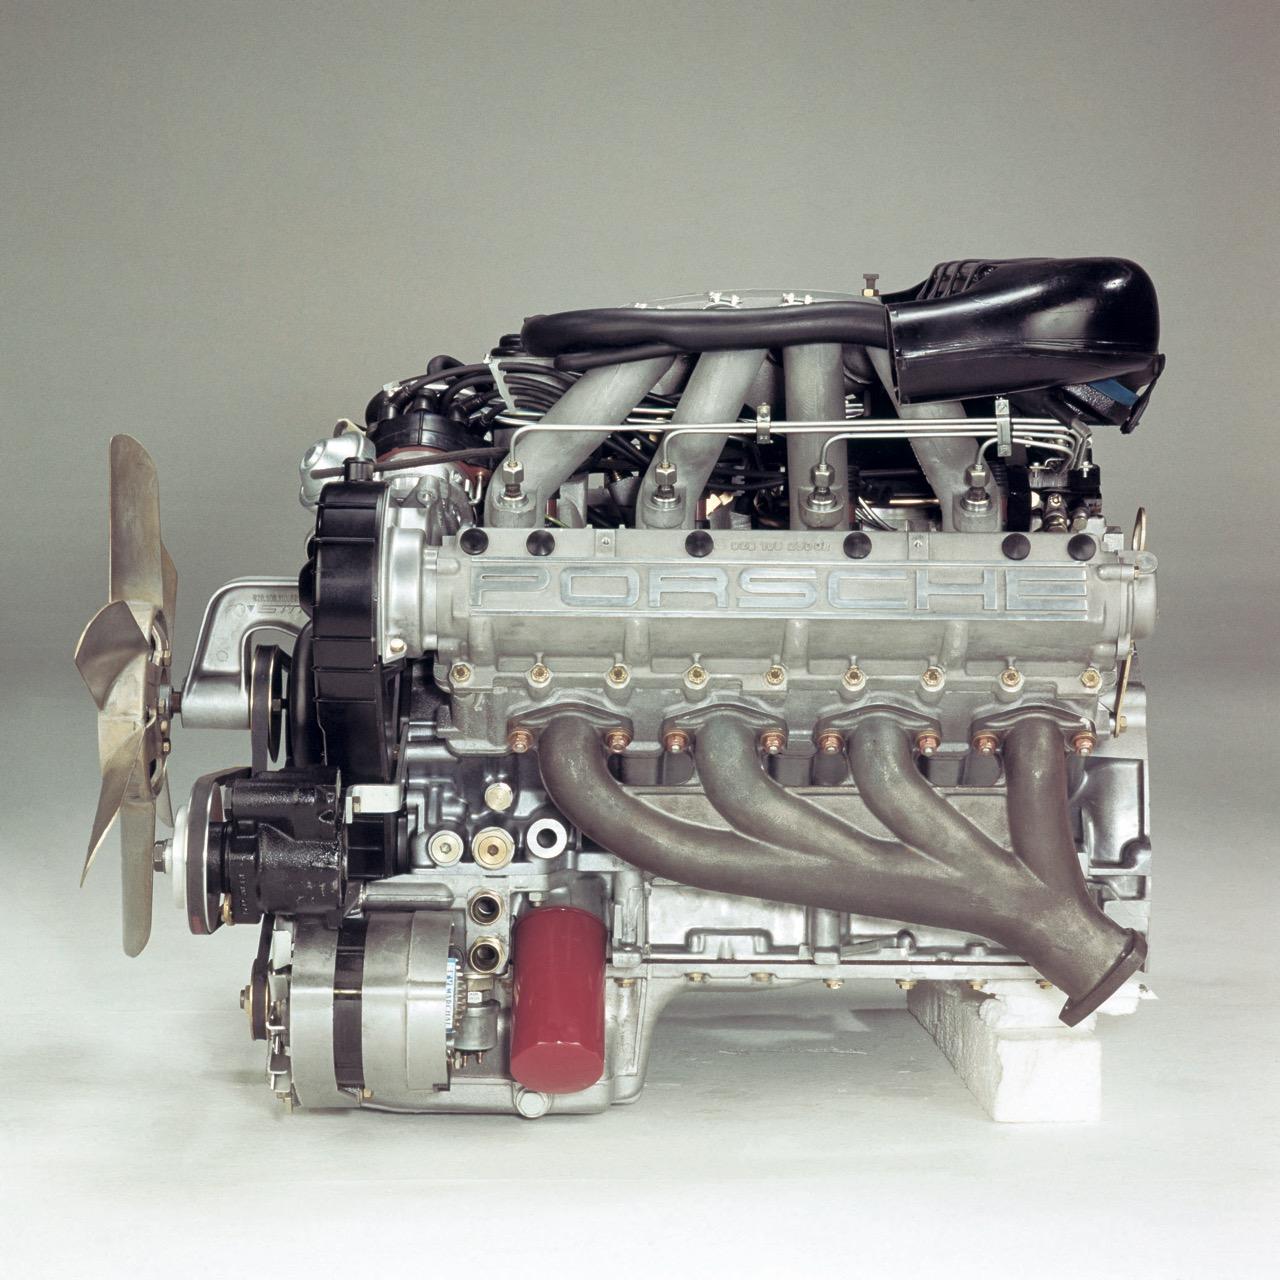 Leichtmetall-Motor für den Porsche 928